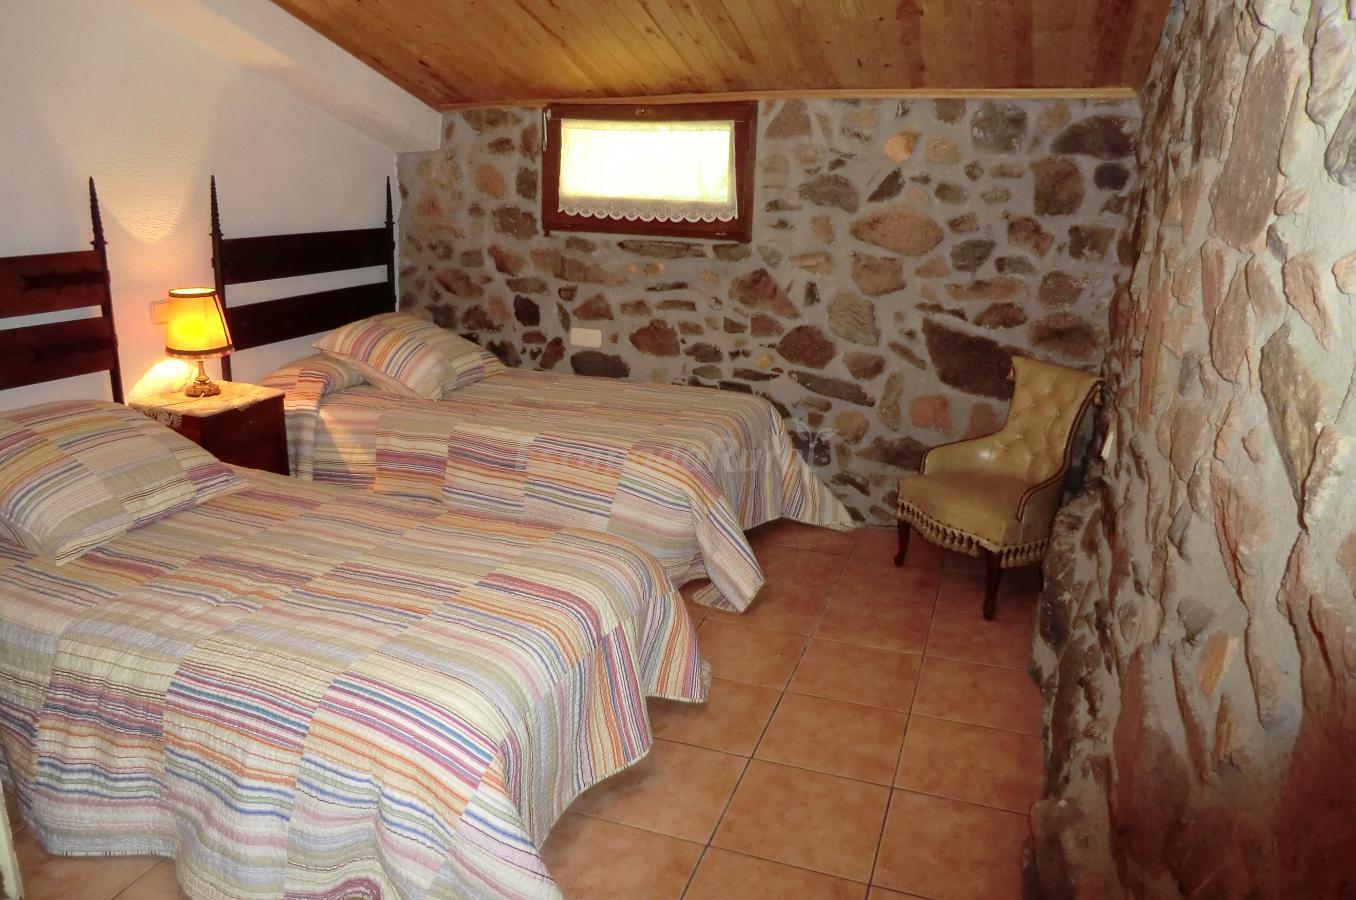 Fotos de masia les illes casa rural en montseny barcelona for Casa rural montseny